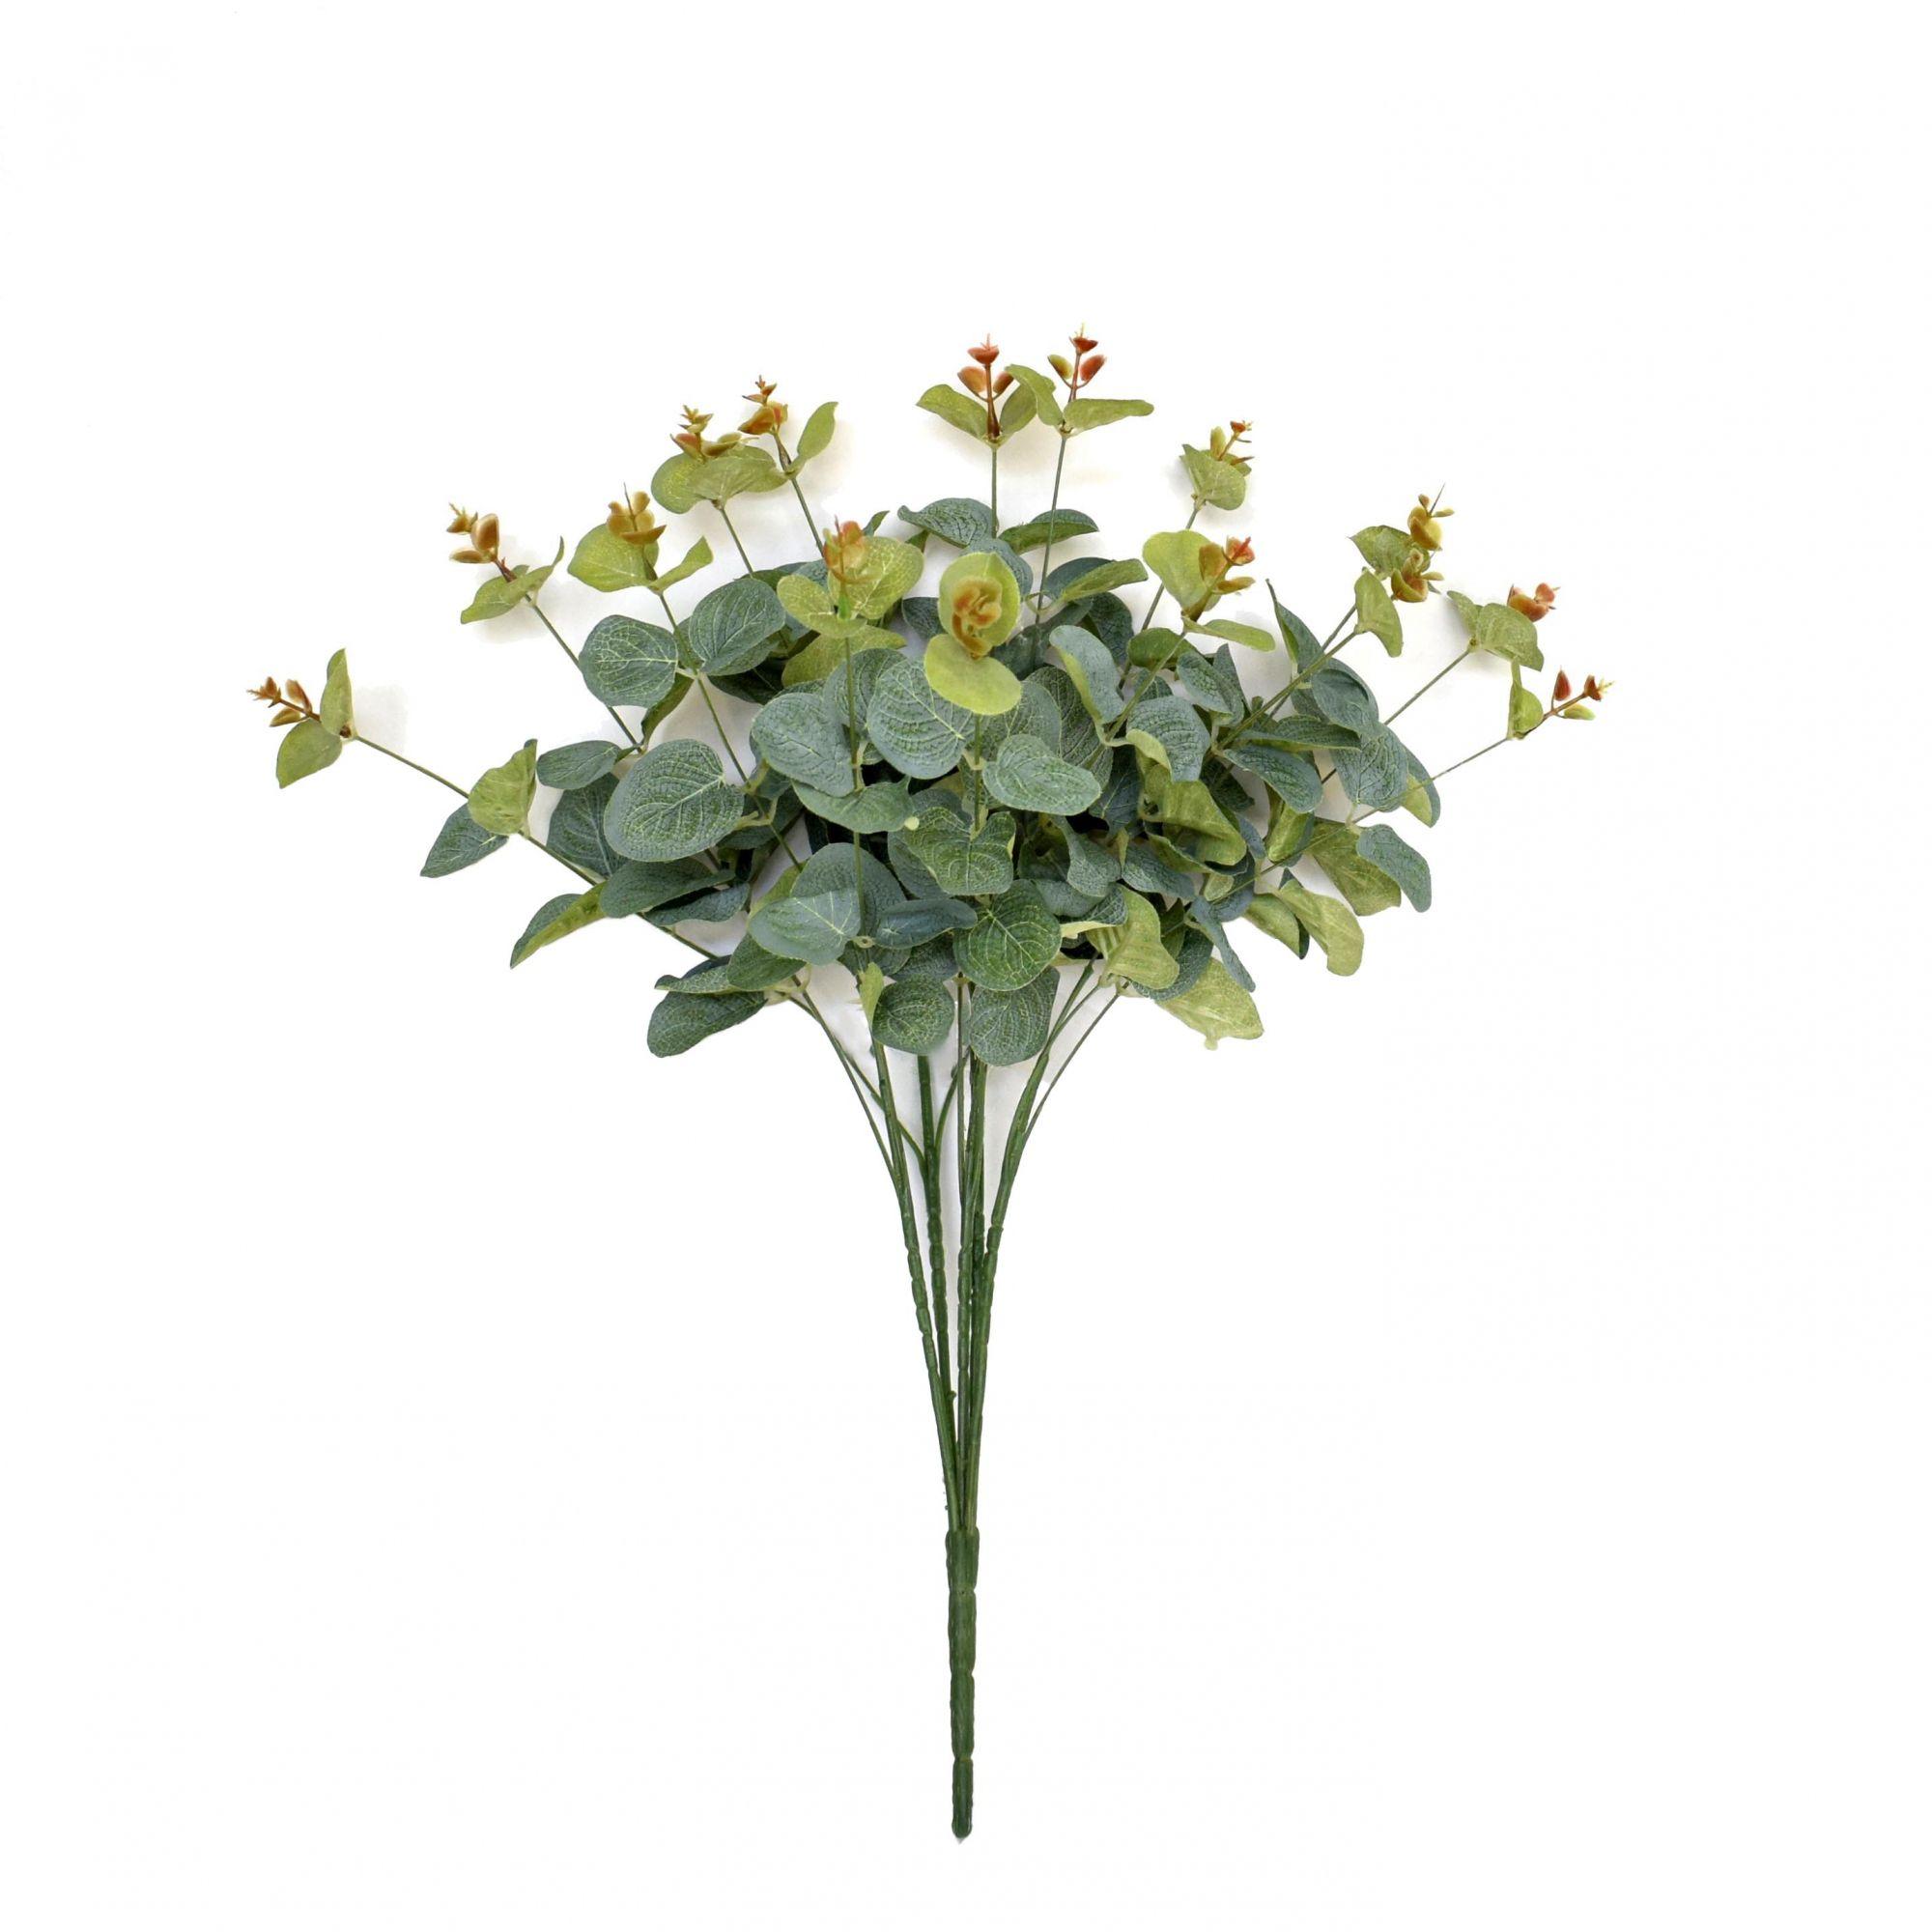 Buquê de Eucalipto artificial com 150 folhas